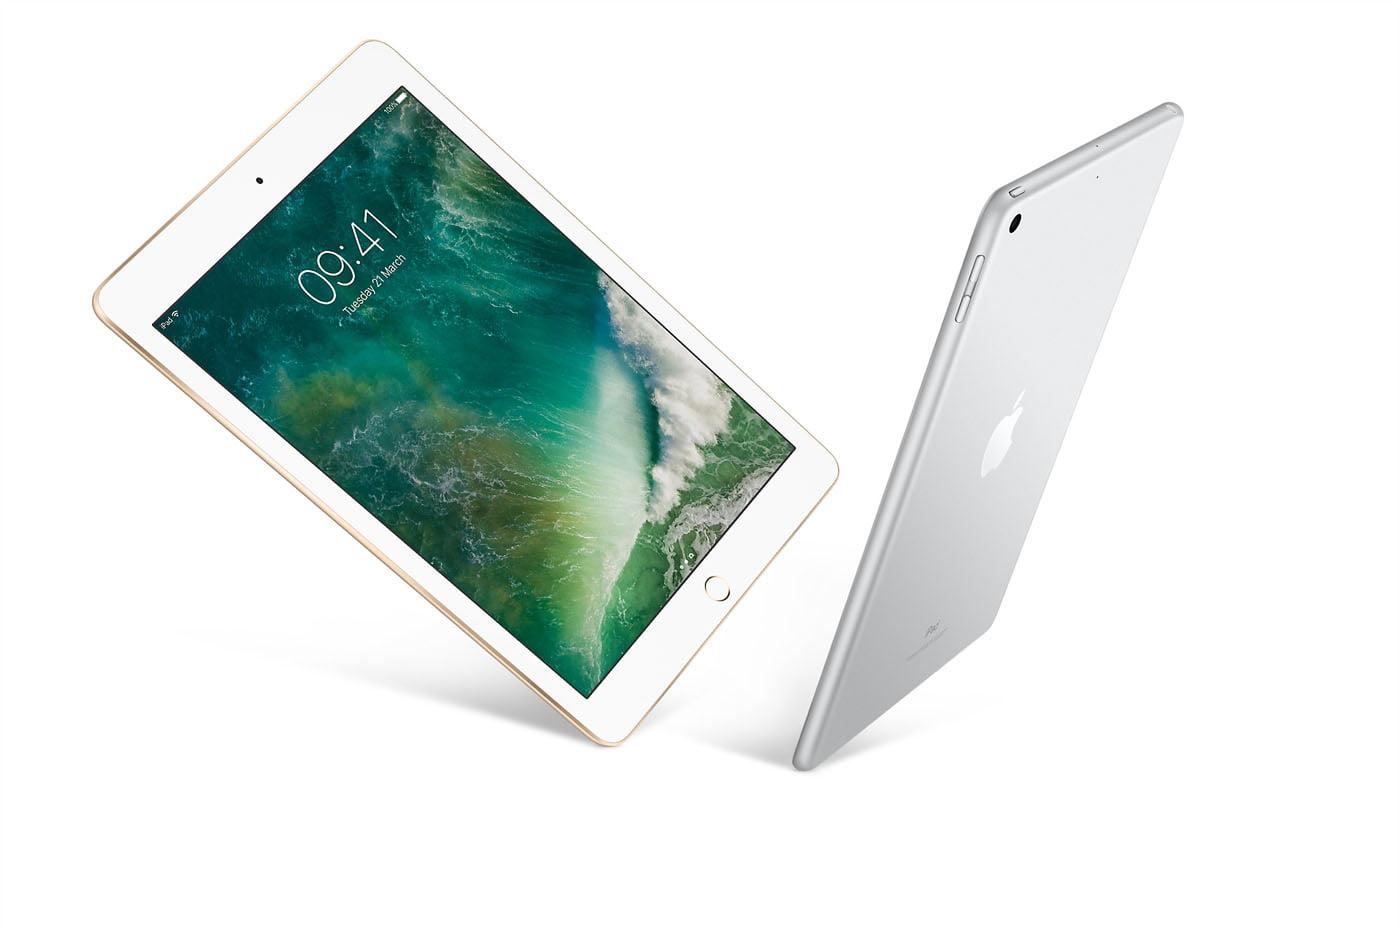 iPad первого поколения WiFi 3G с обратной стороны The 1st Generation iPad on the iDock В первые же дни после